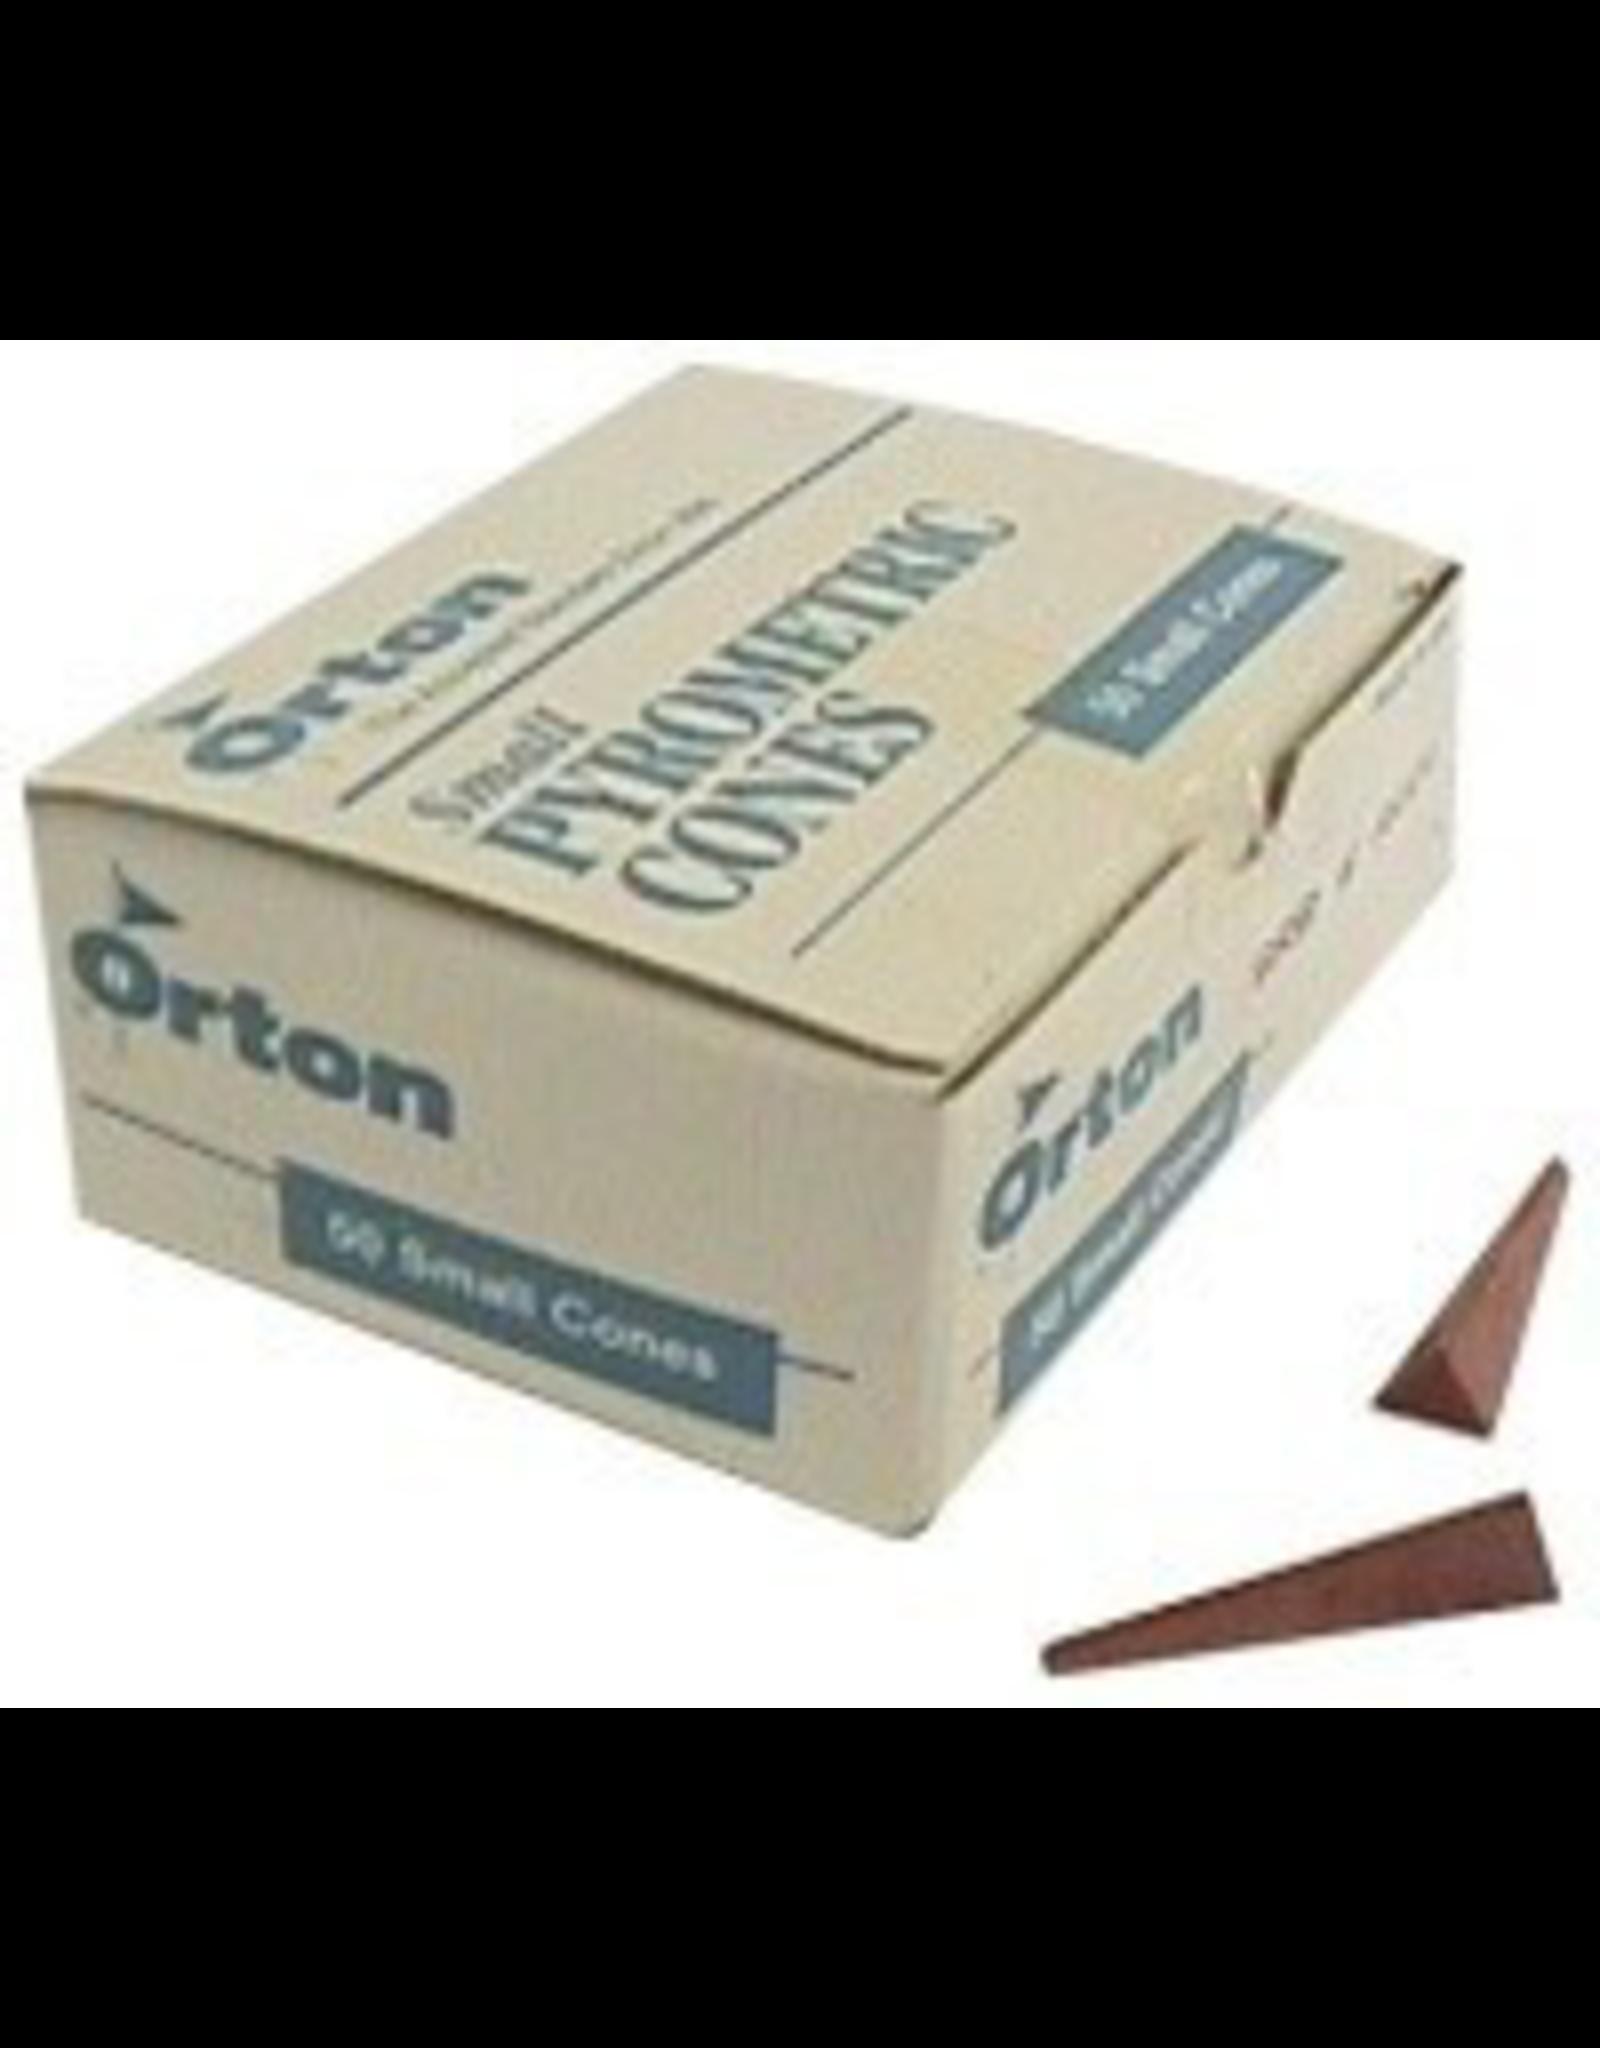 Orton Orton Midget Cone 08 10's